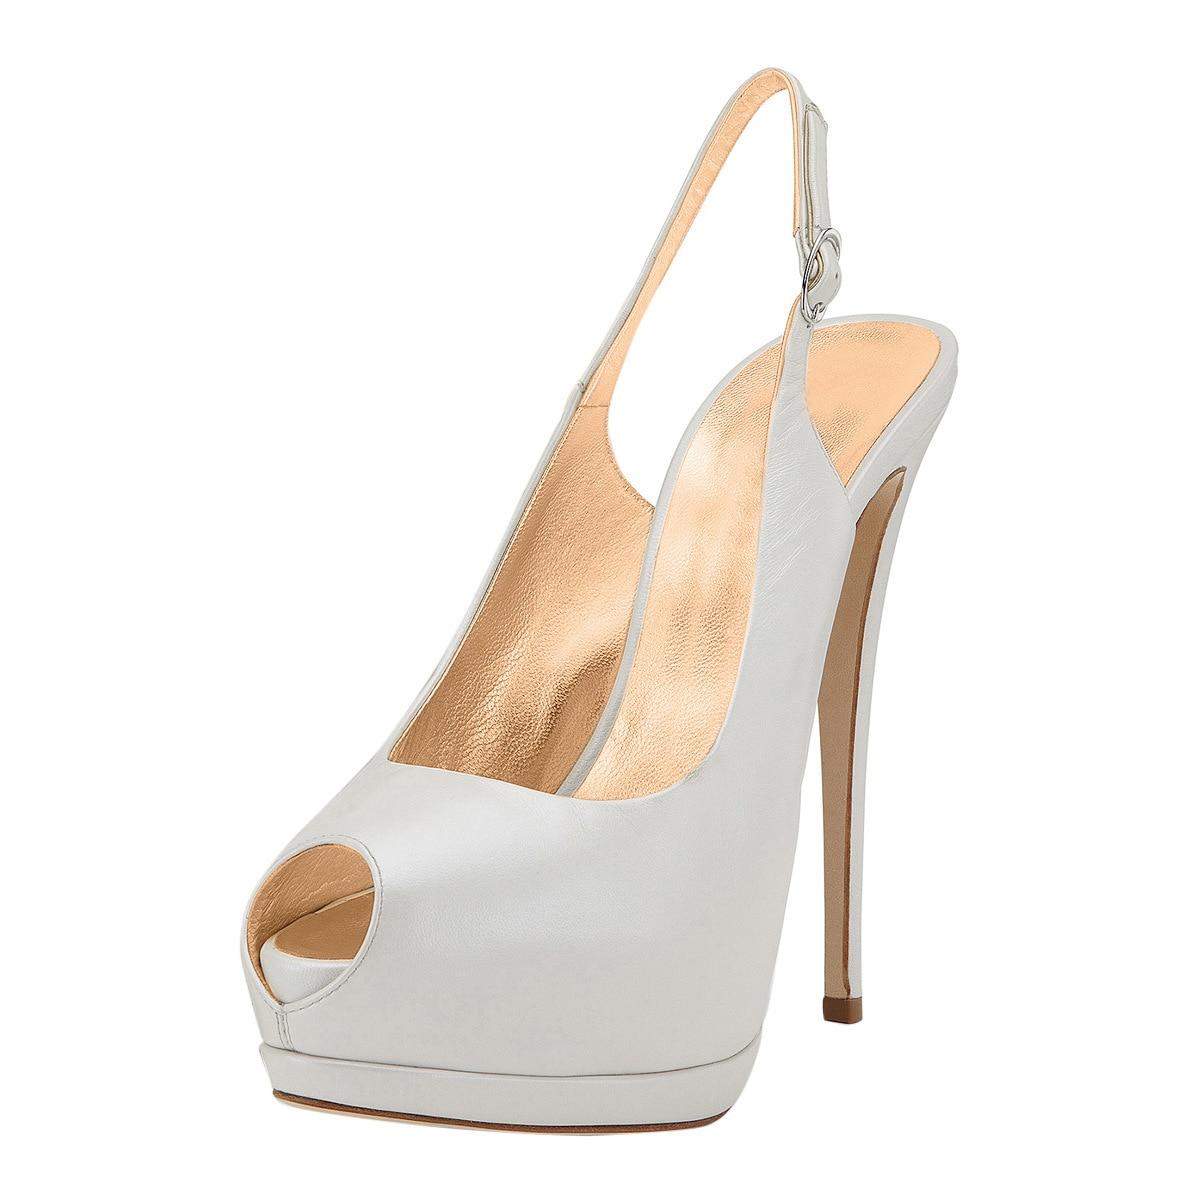 Классические свадебные туфли с открытым носком на платформе женские туфли на шпильке женская обувь свадебные туфли на высоком каблуке